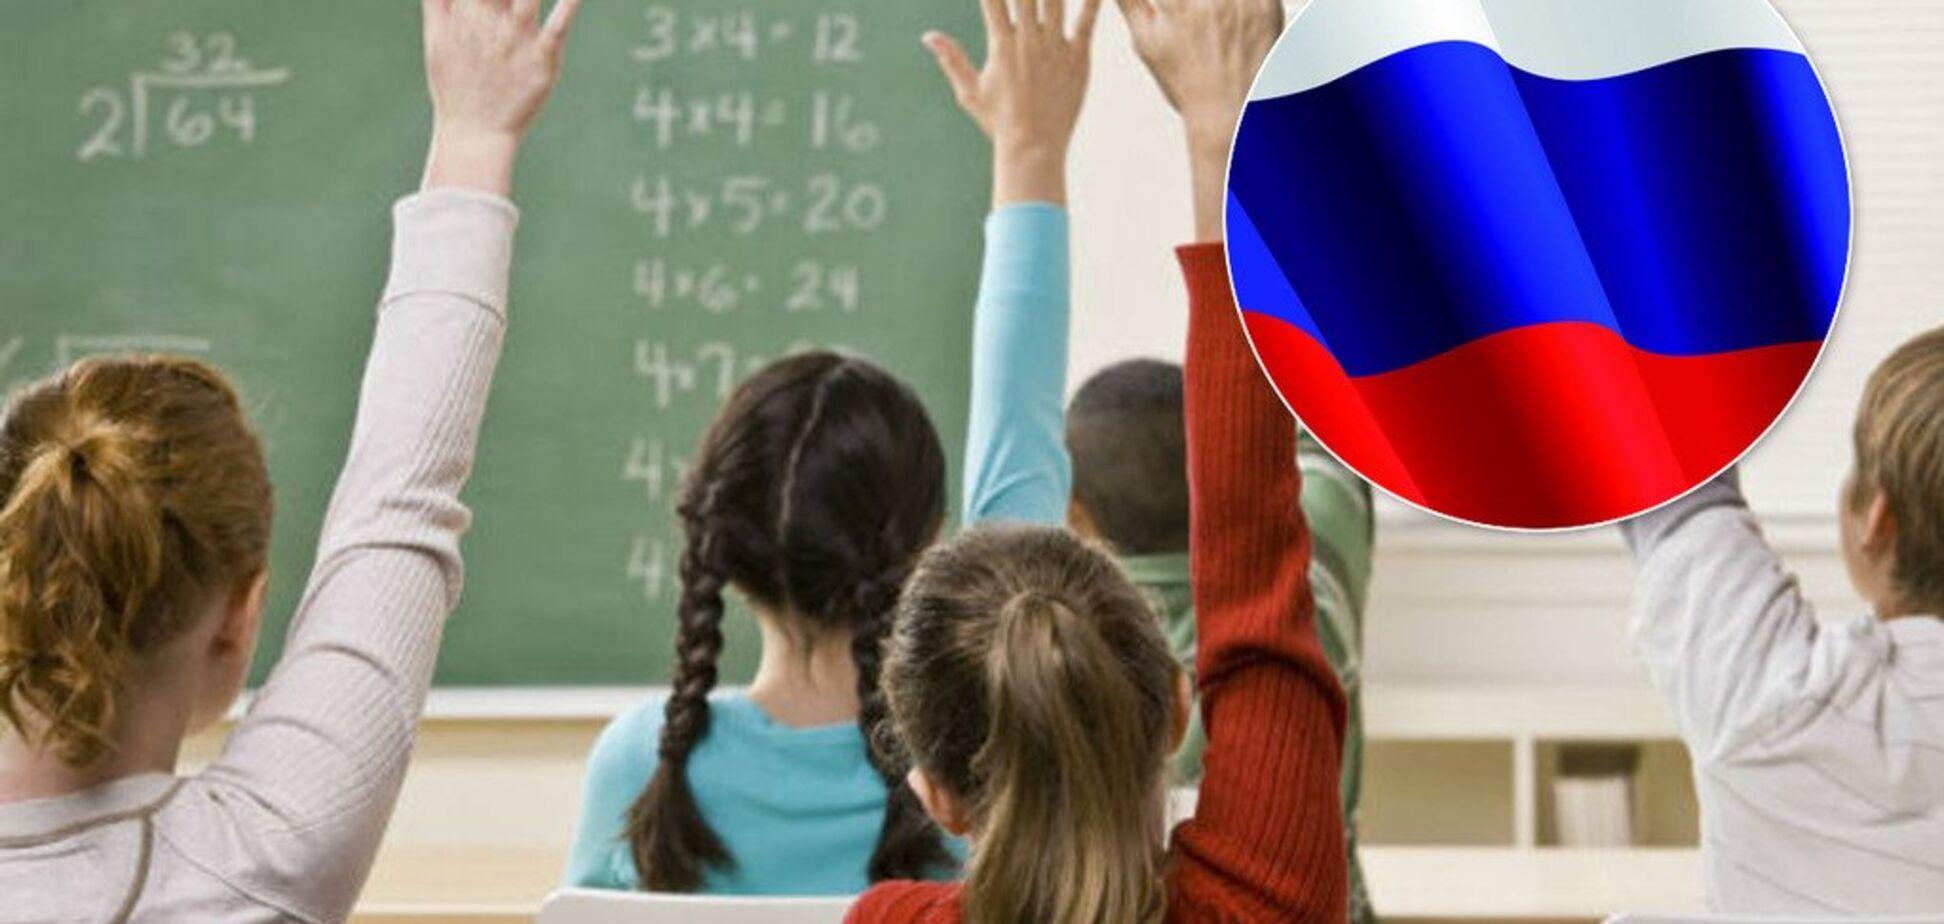 'Заставляют учить русский!' В школе в Кропивницком родители устроили войну за язык